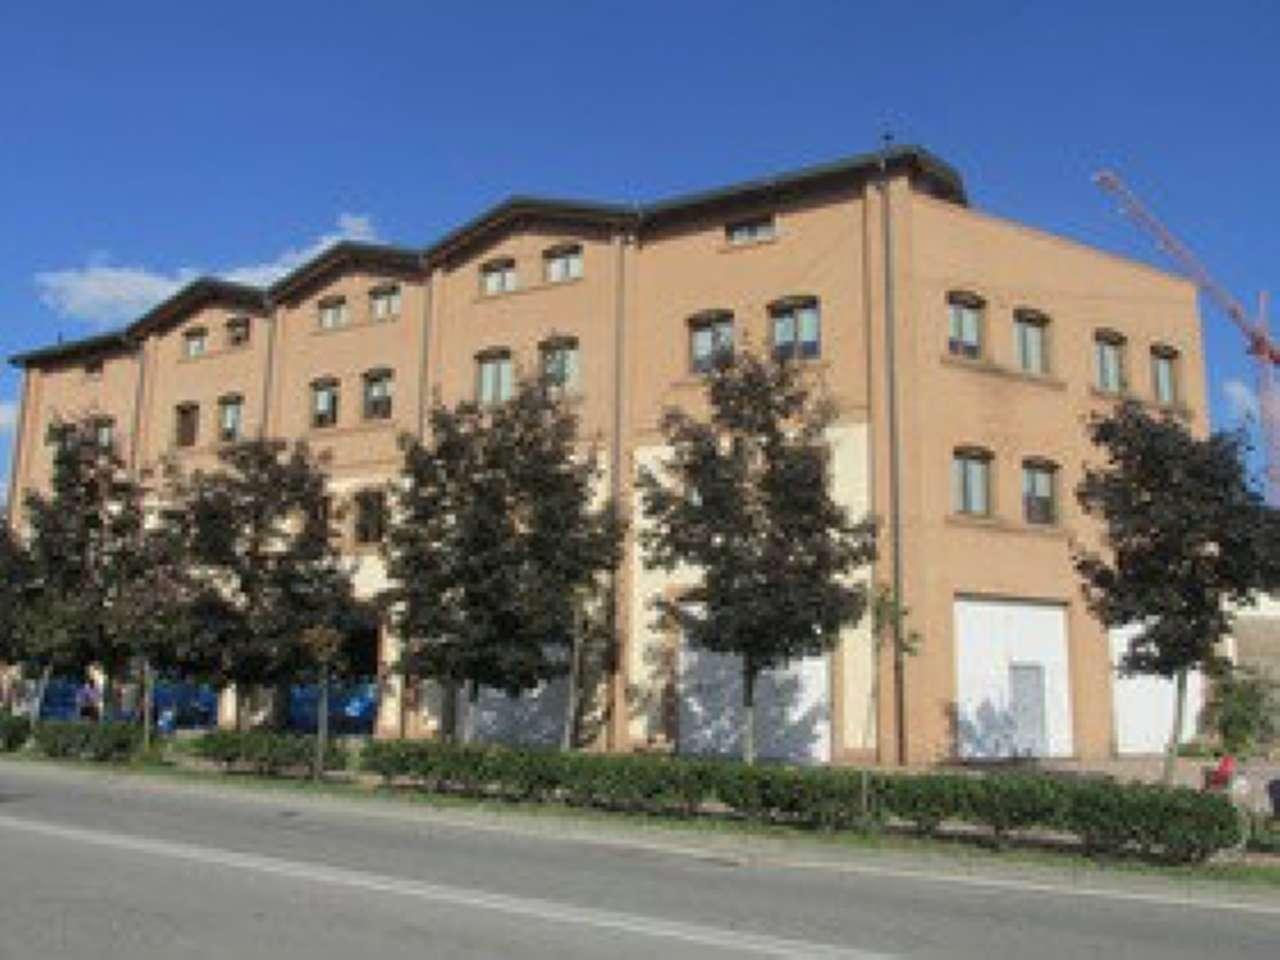 Ufficio-studio in Affitto a Segrate: 5 locali, 420 mq